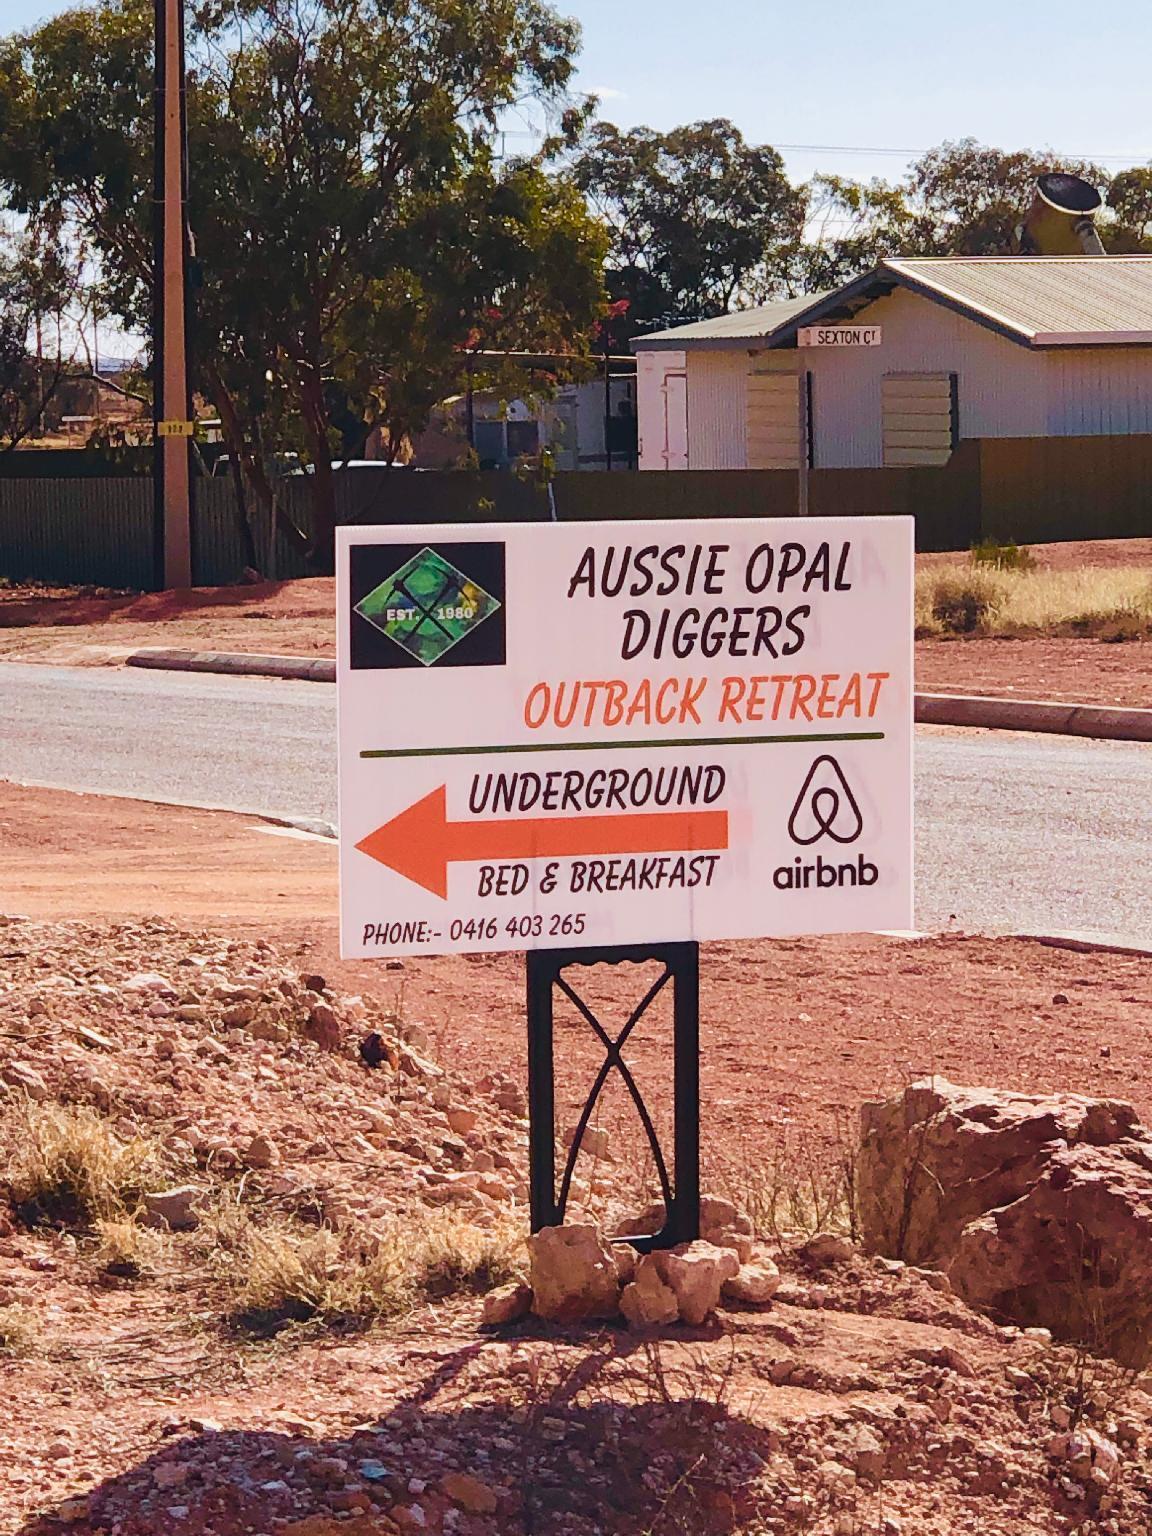 Aussie Opal Diggers Desert Retreat Underground